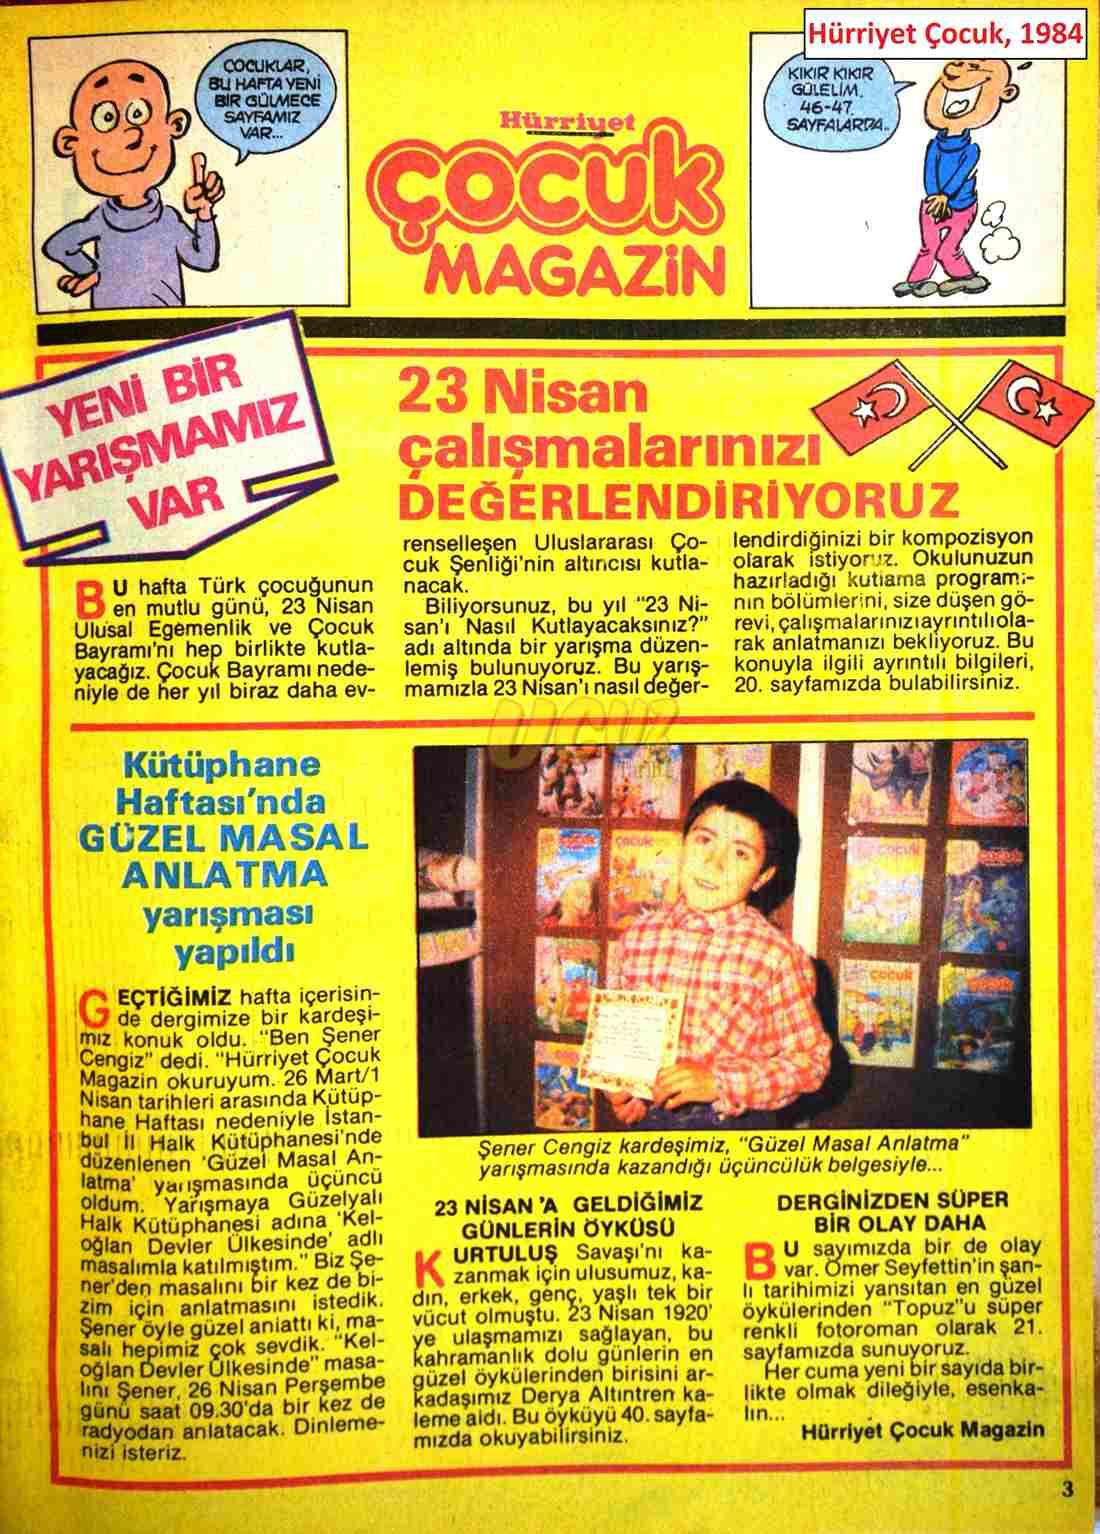 1984 Hürriyet çocuk 1984 2